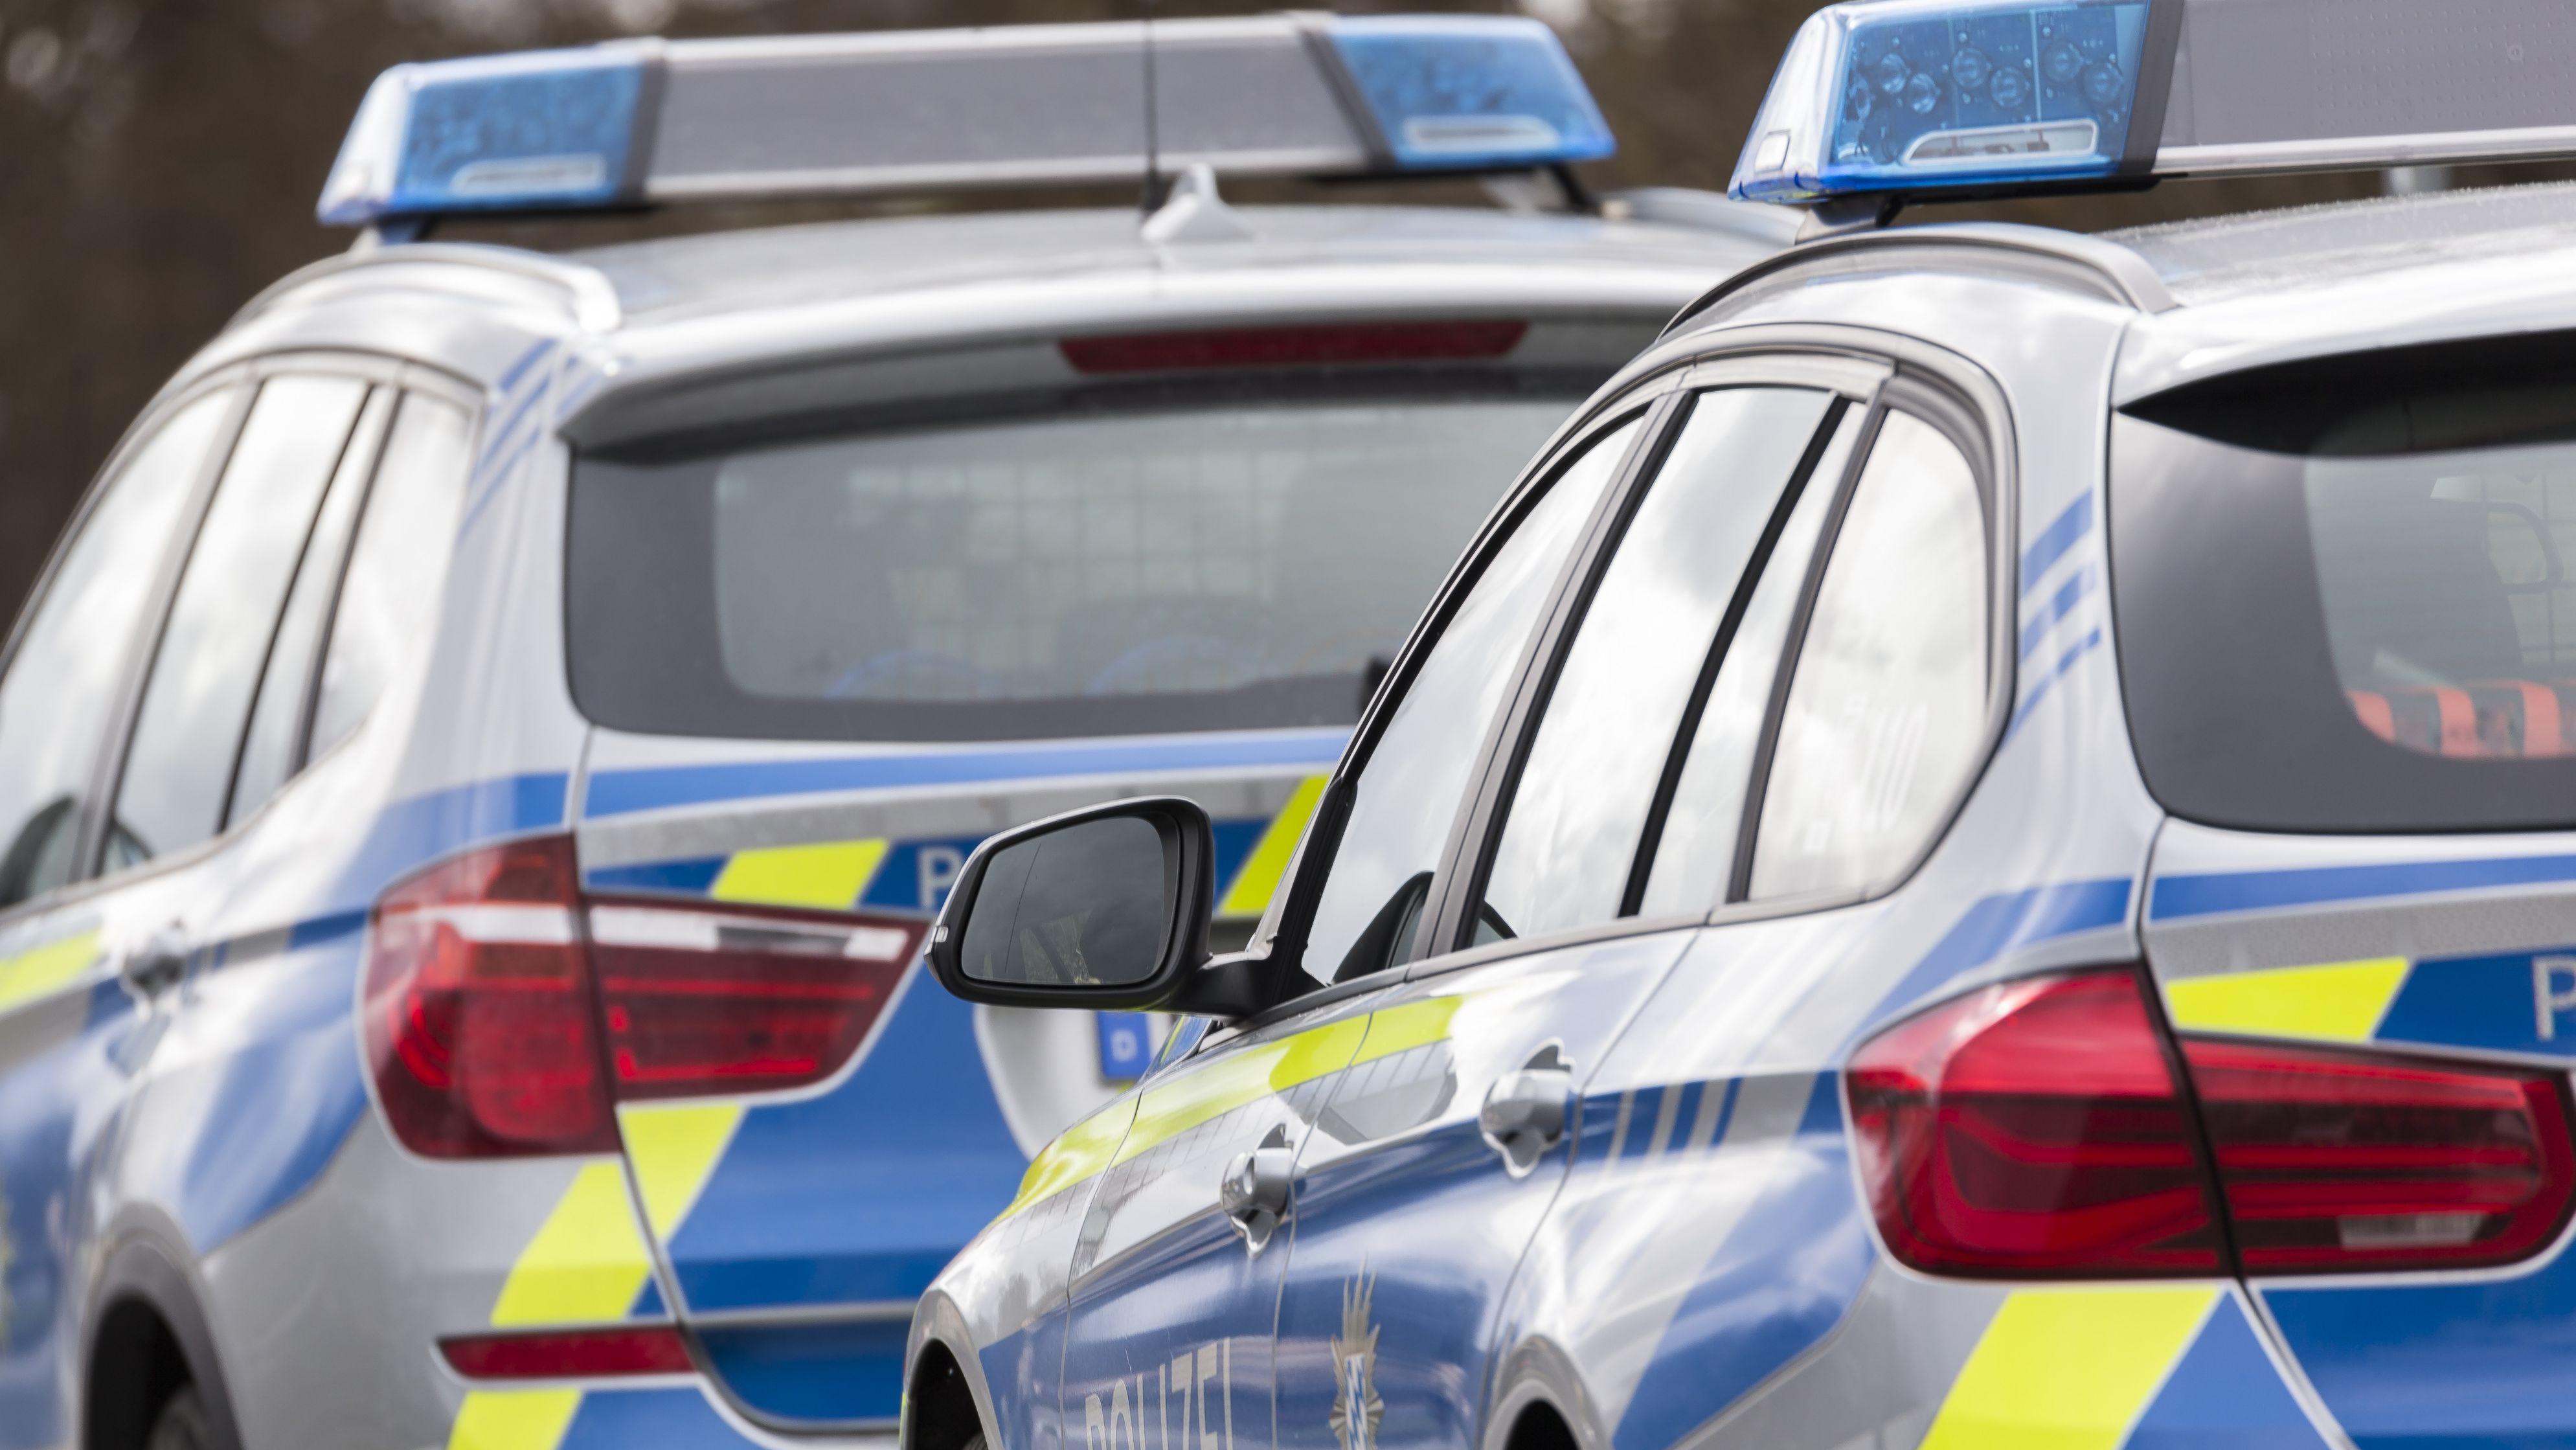 Die Passauer Polizei ging nach den ersten Schüssen zunächst von einer erhöhten Gefährdungslage aus.